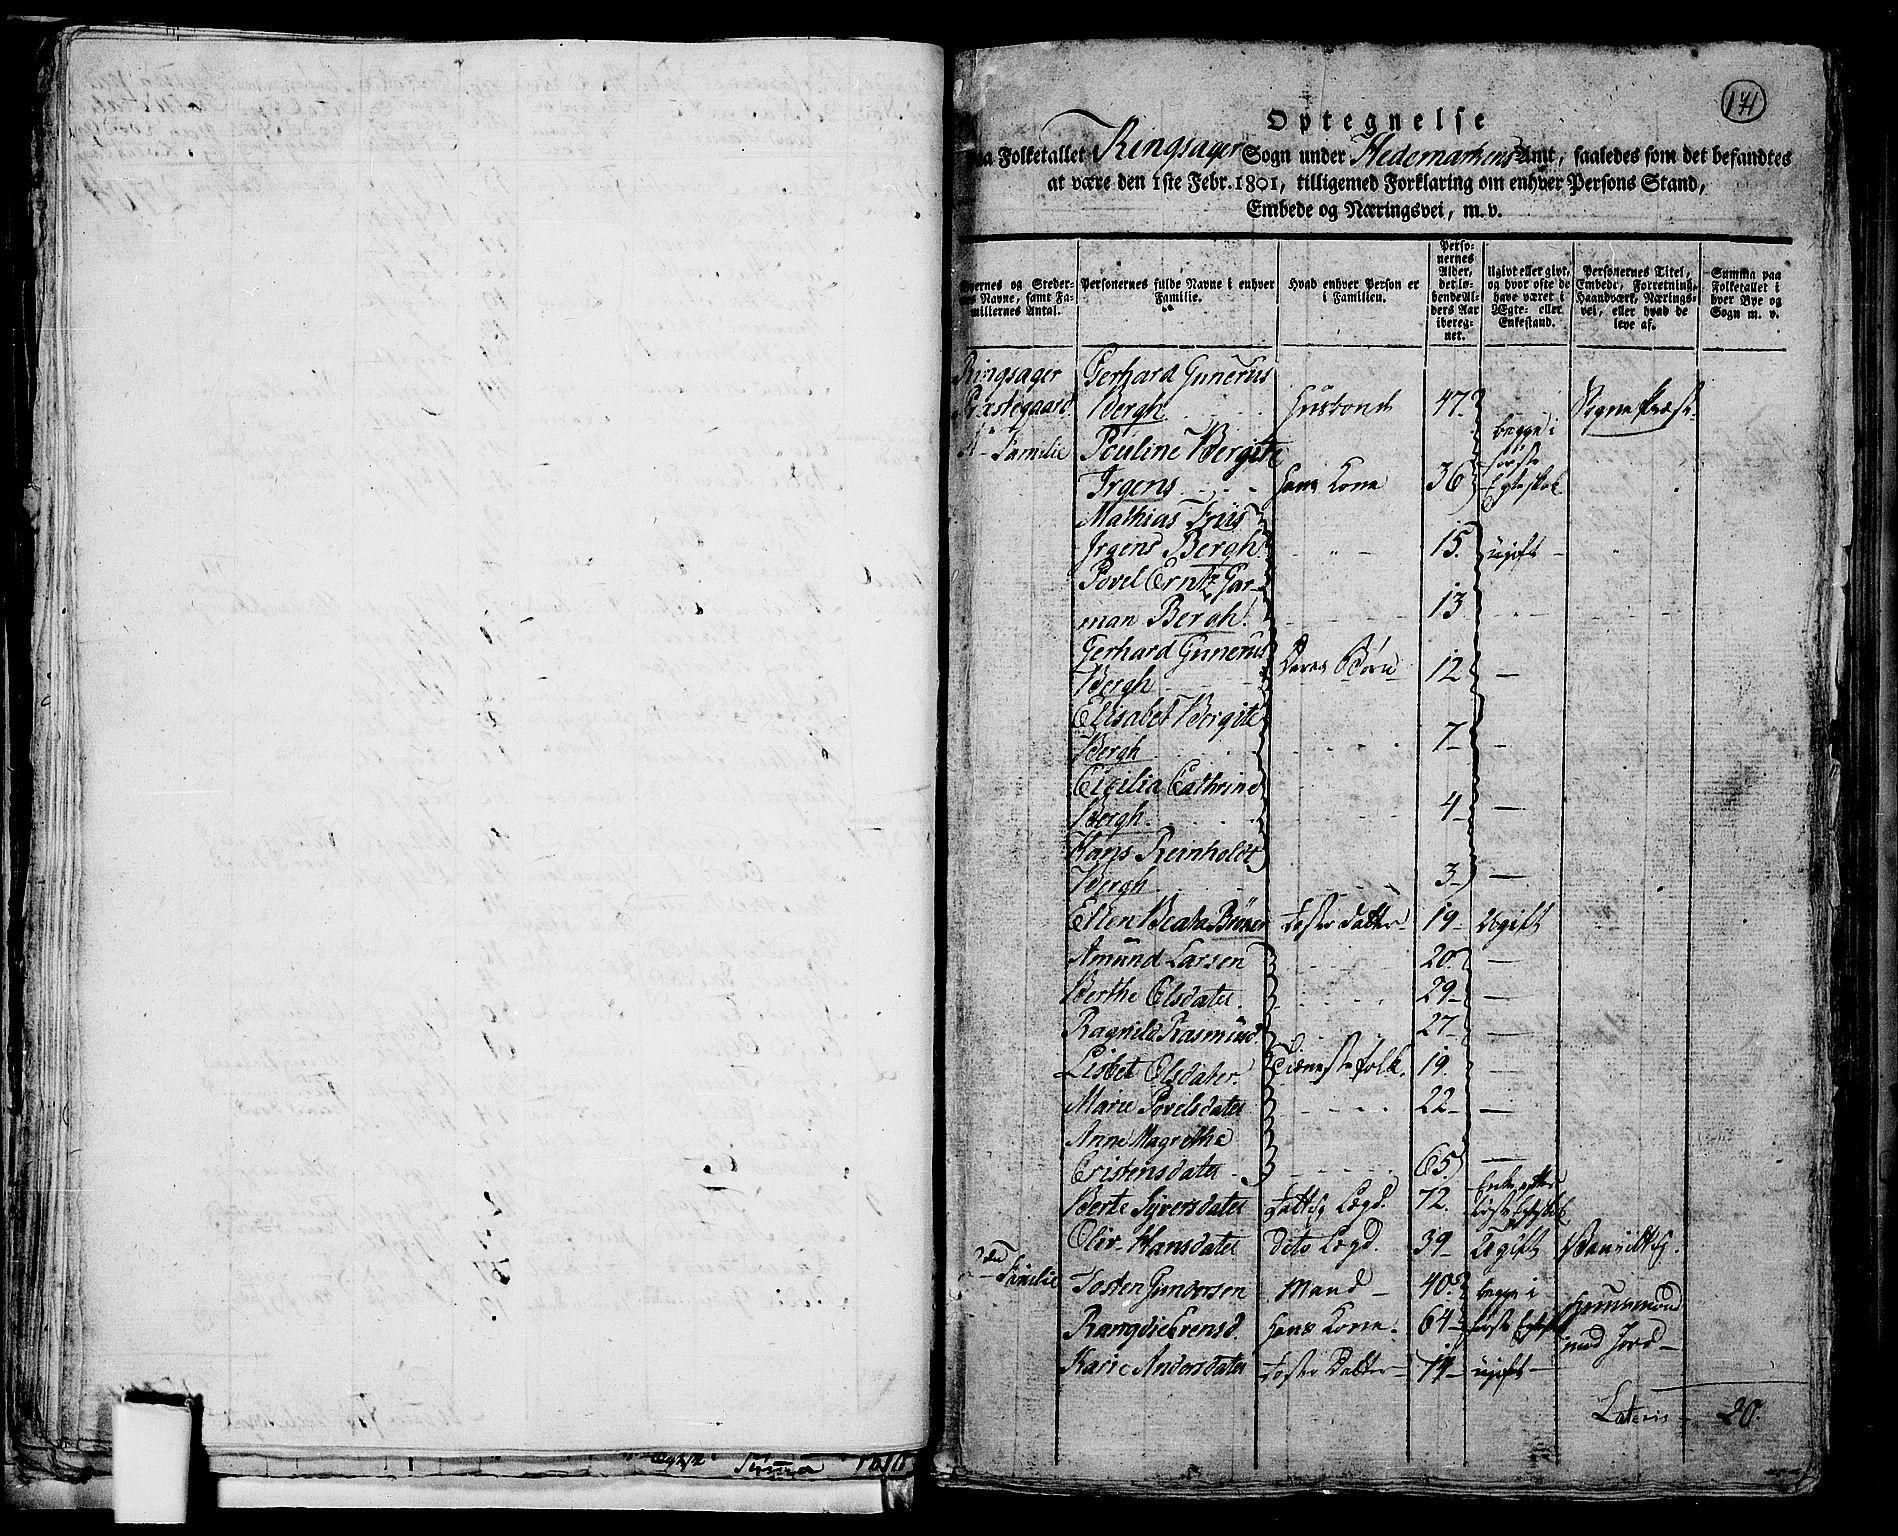 RA, Folketelling 1801 for 0412P Ringsaker prestegjeld, 1801, s. 170b-171a